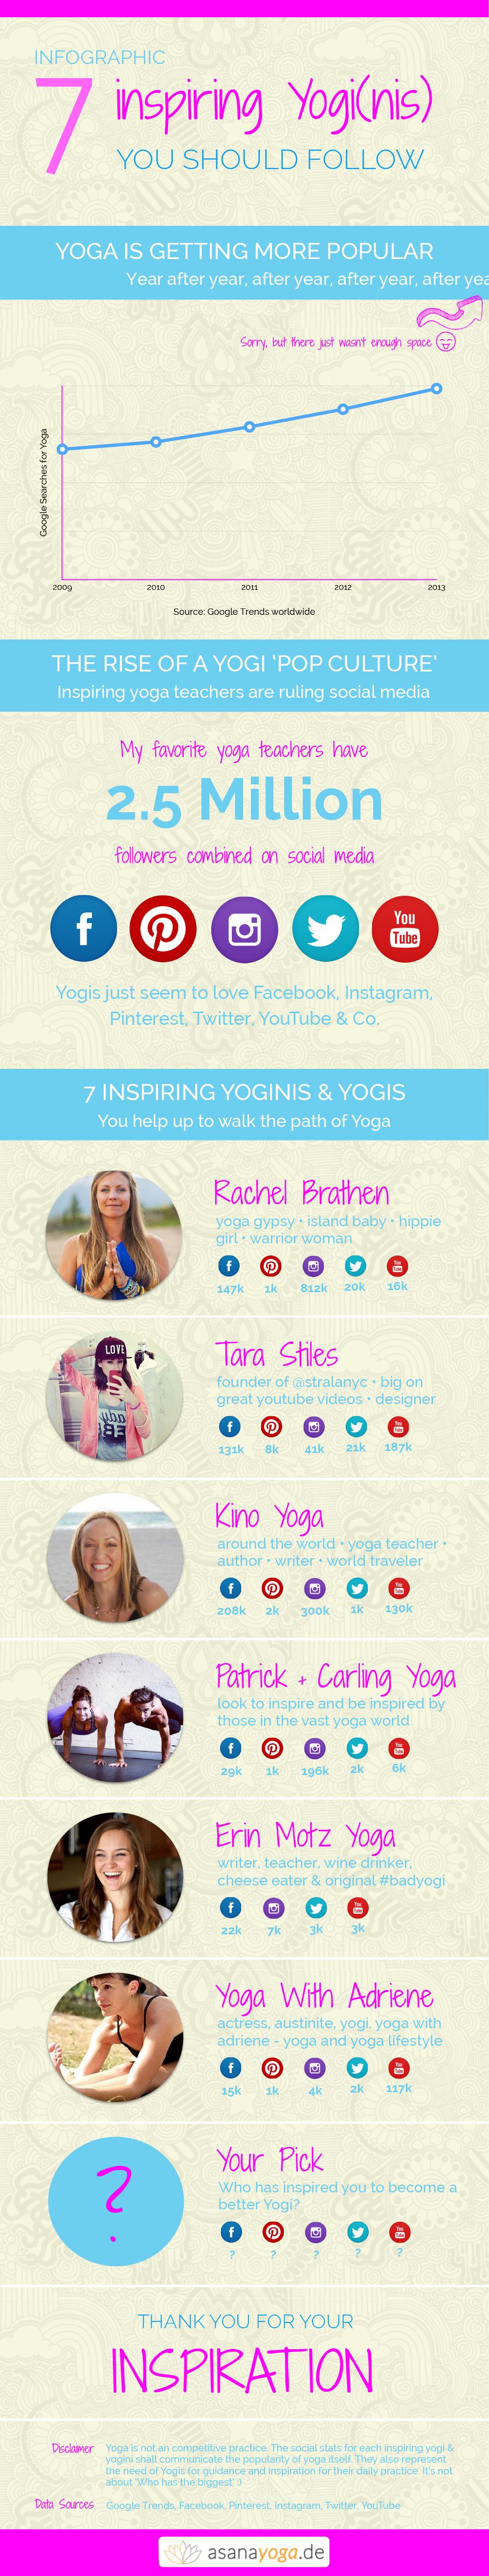 7 Inspiring Yogis You Should Follow